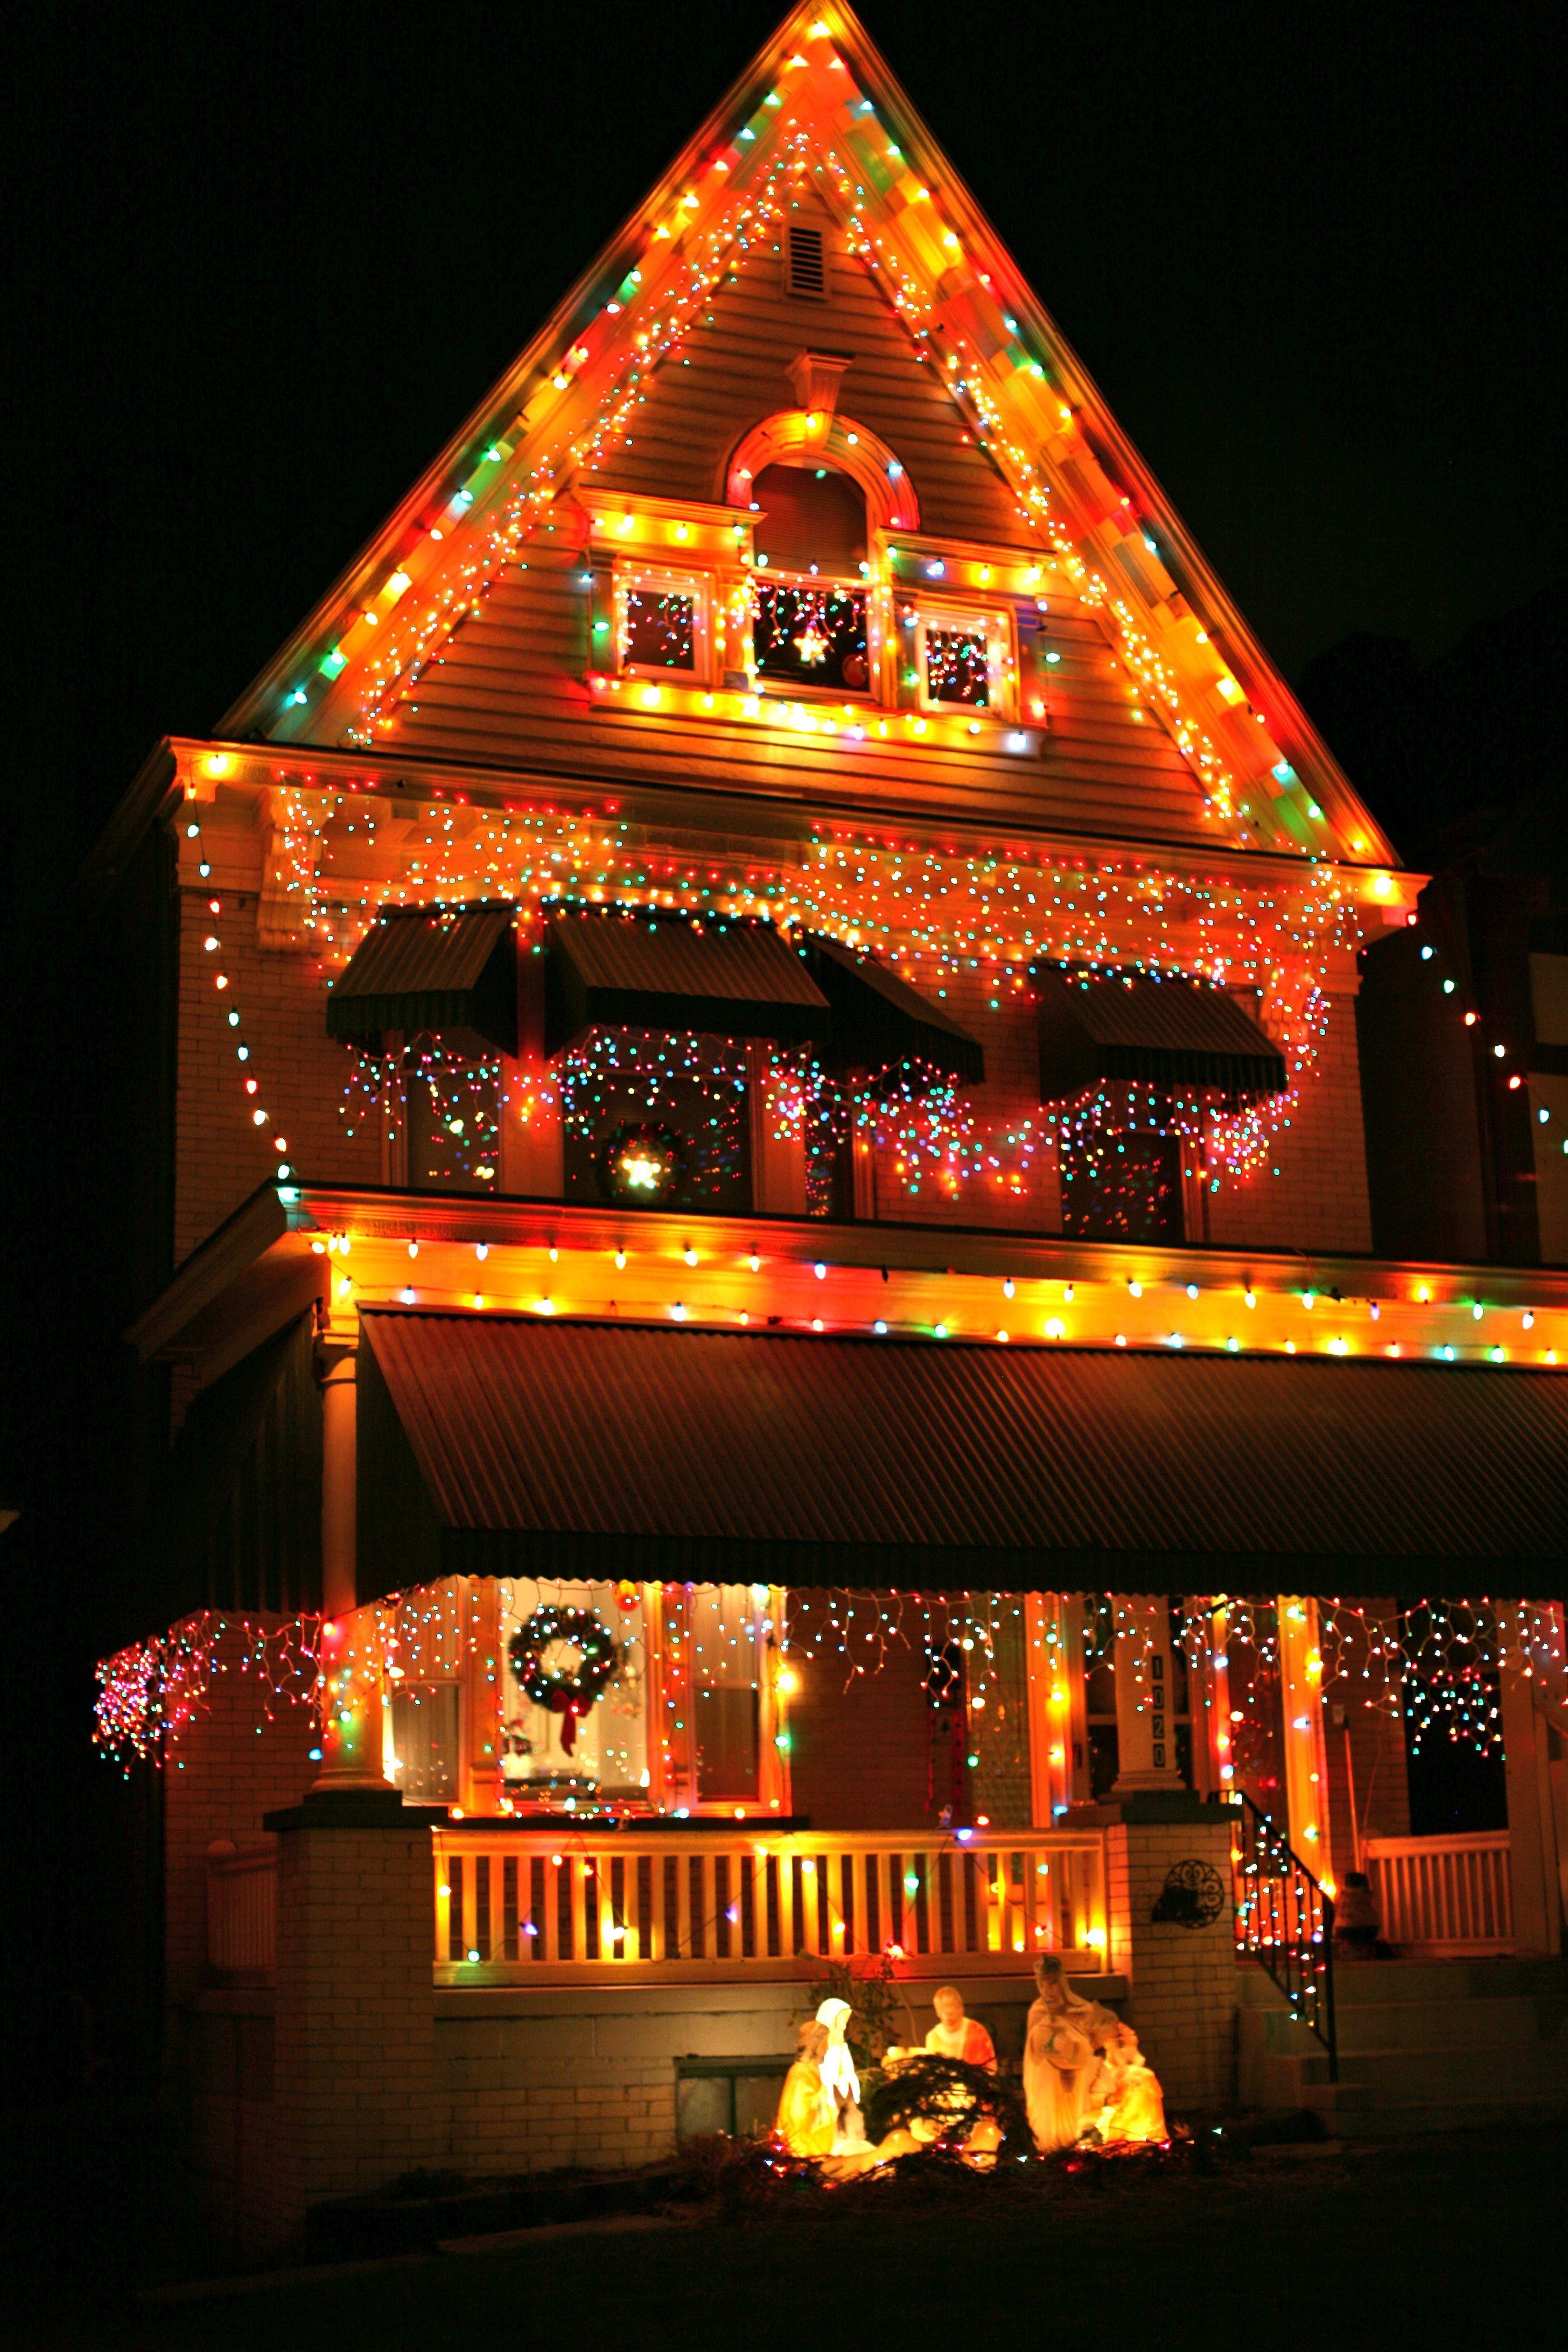 Christmas House Lights at Night Christmas house lights